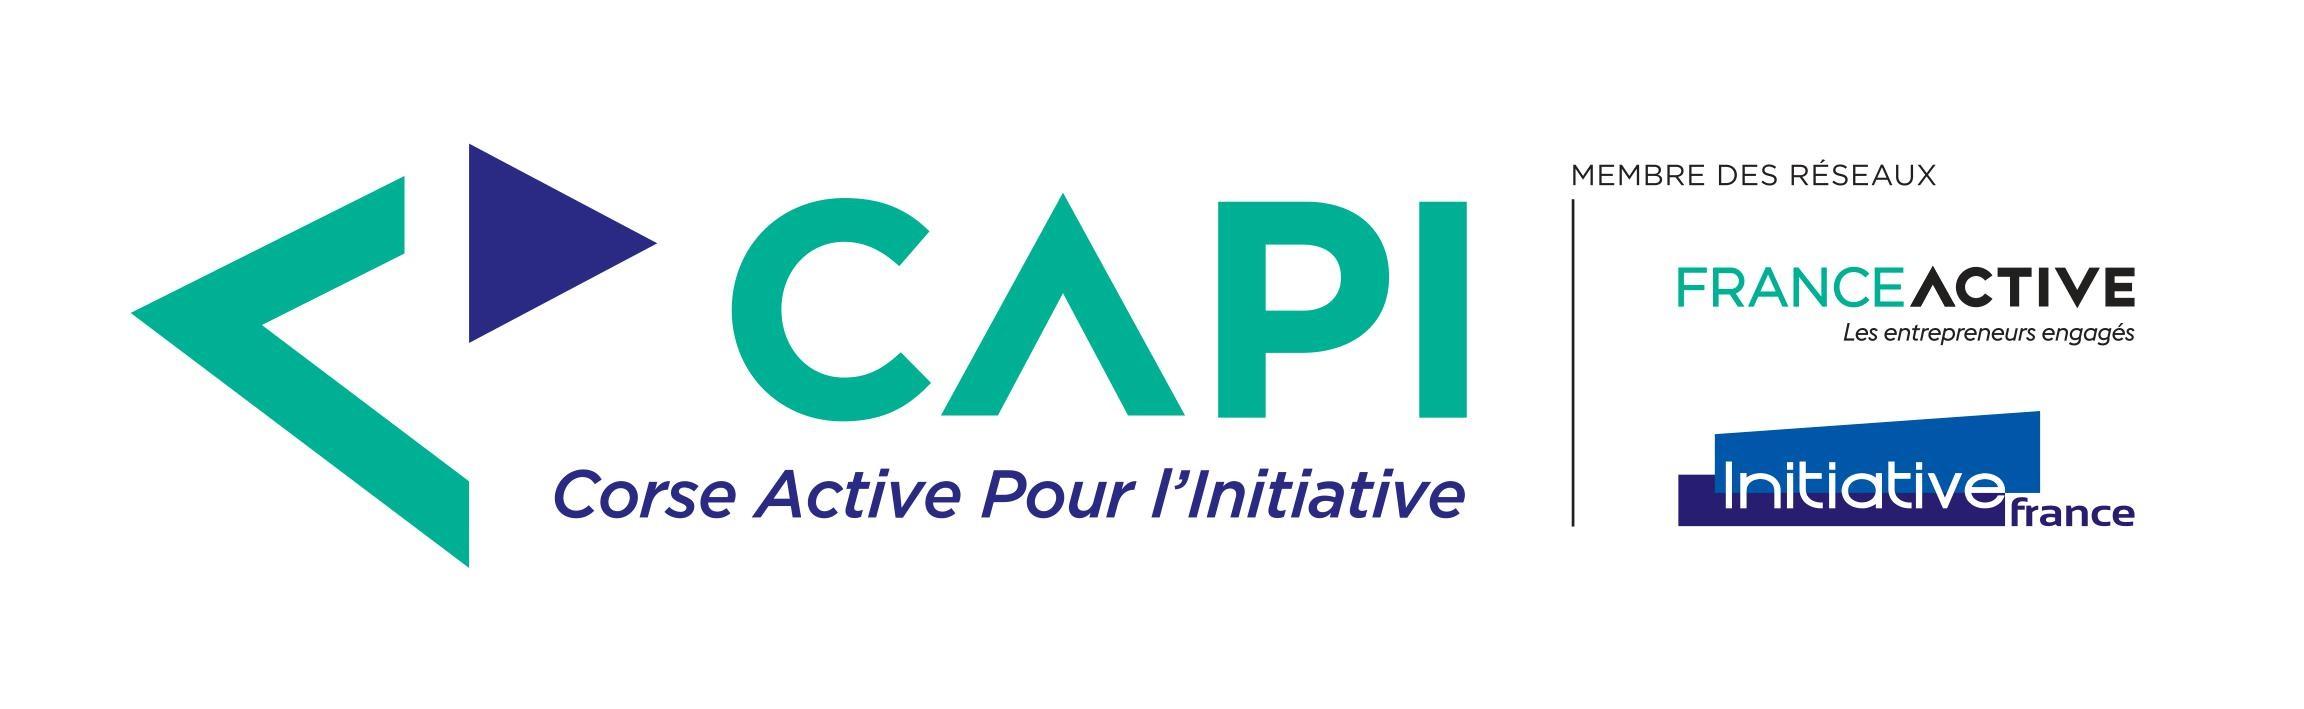 Crise sanitaire et économique - COVID 19 : CAPI aux côtés des entrepreneurs